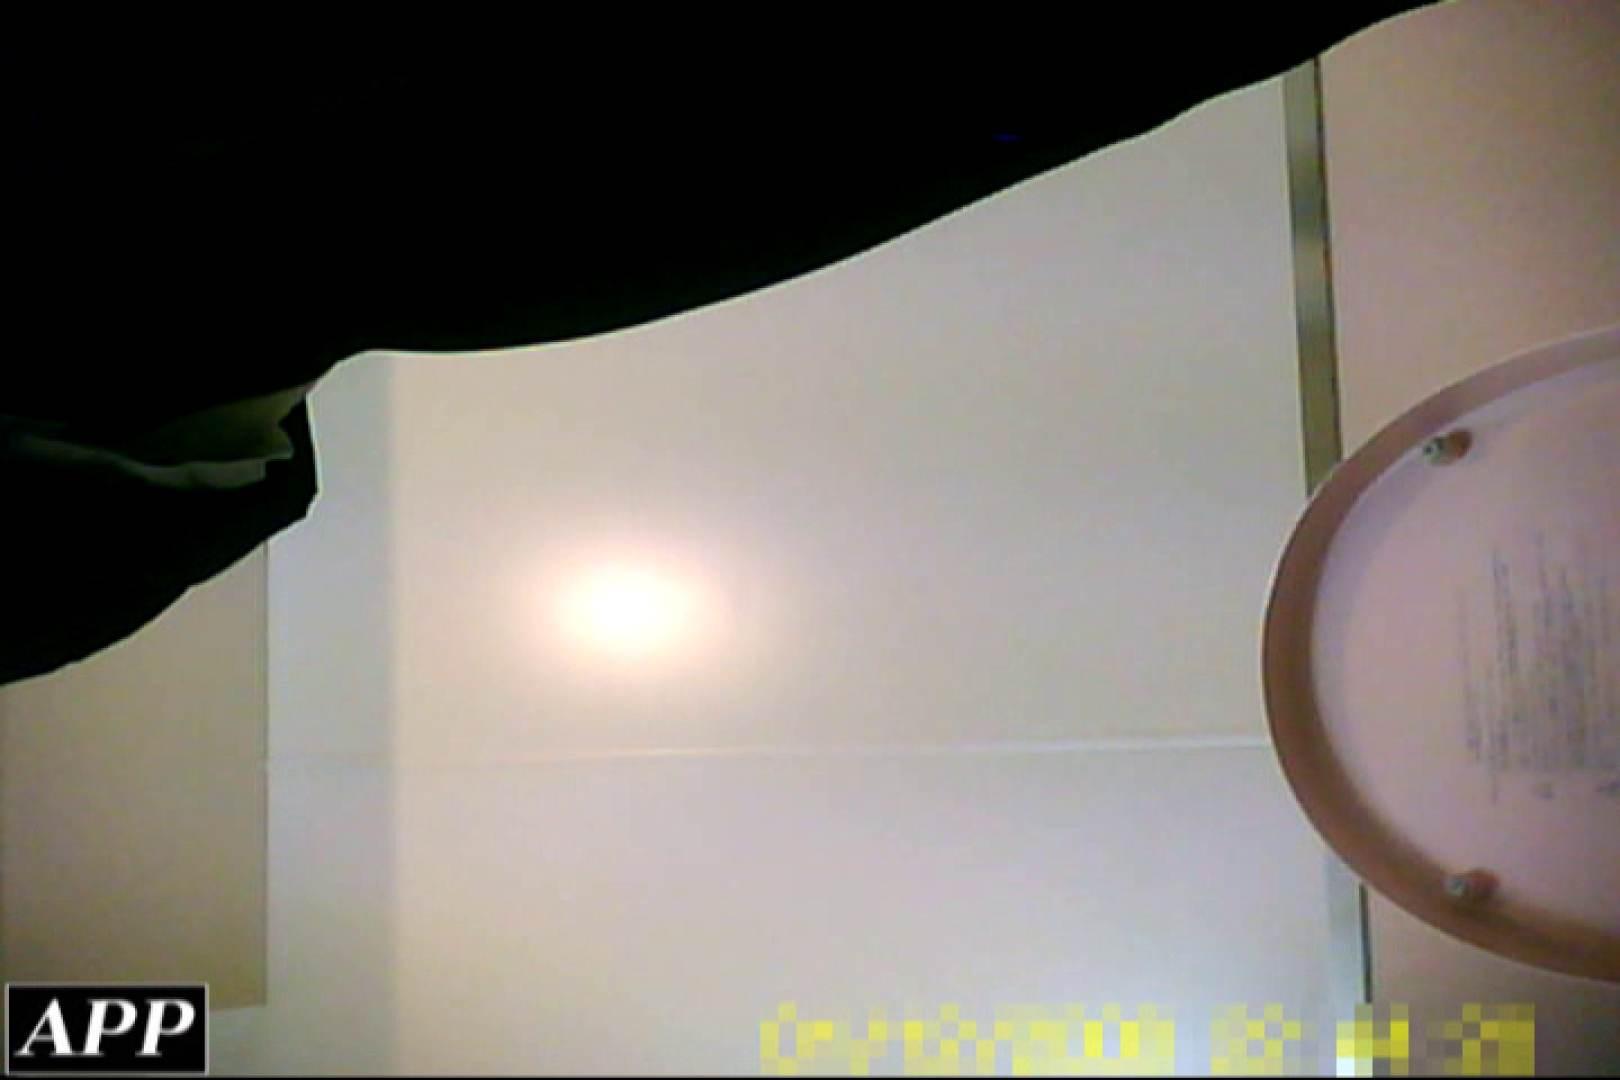 3視点洗面所 vol.74 洗面所突入 ヌード画像 93pic 22